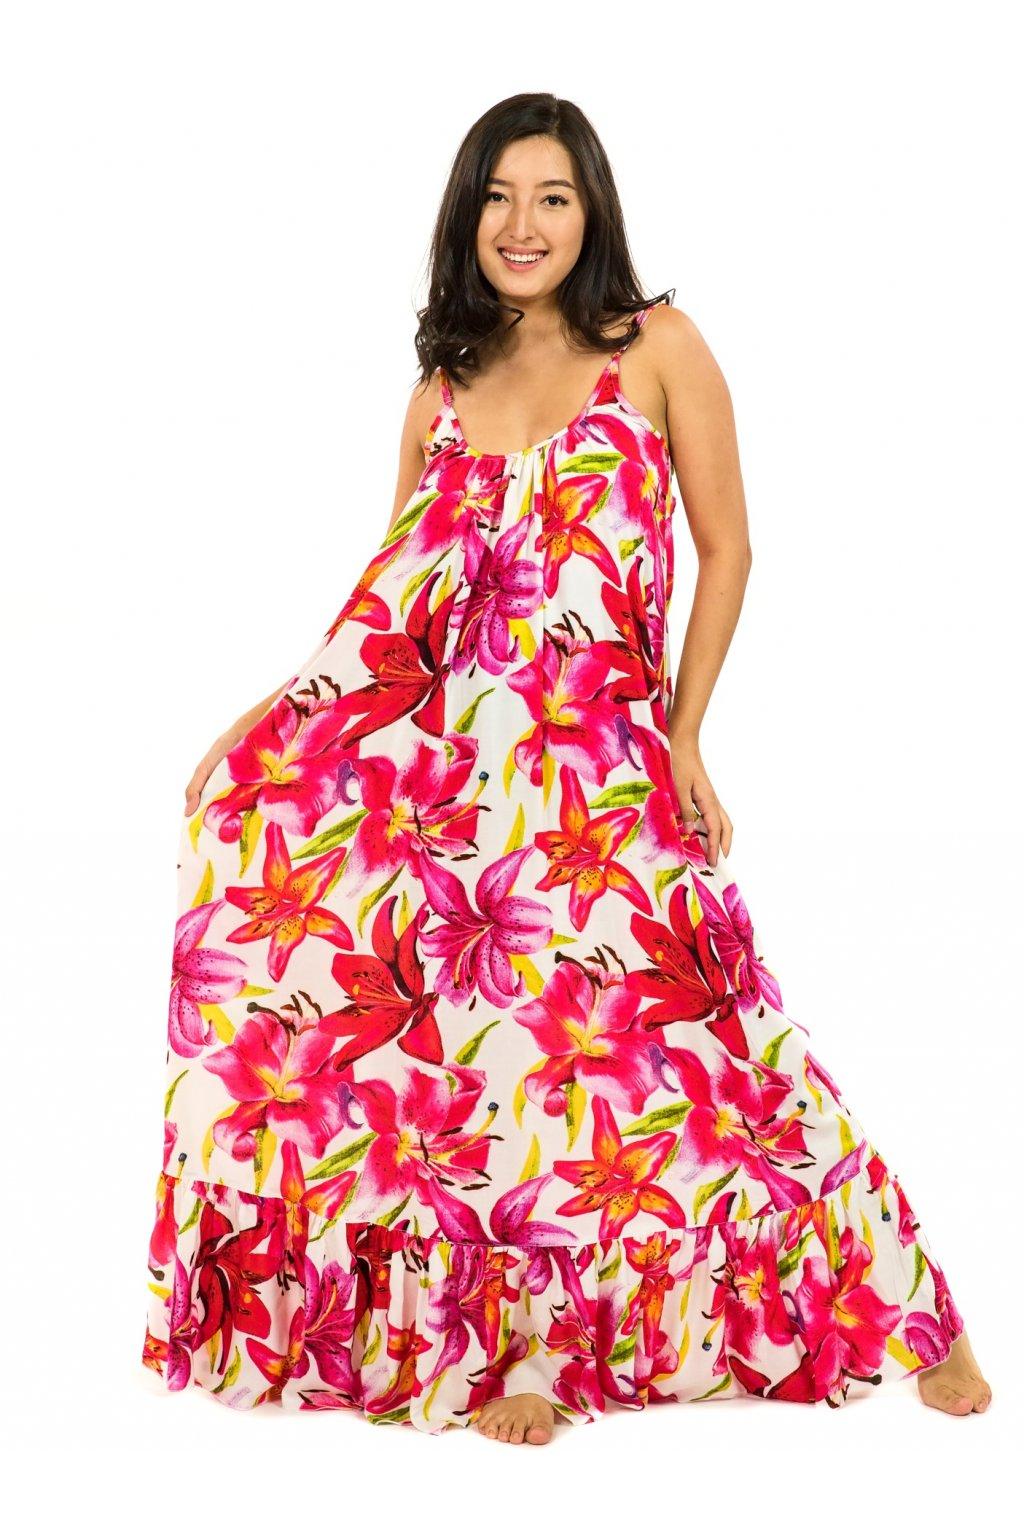 Vzdušné maxi šaty Lilie - bílá s červenou